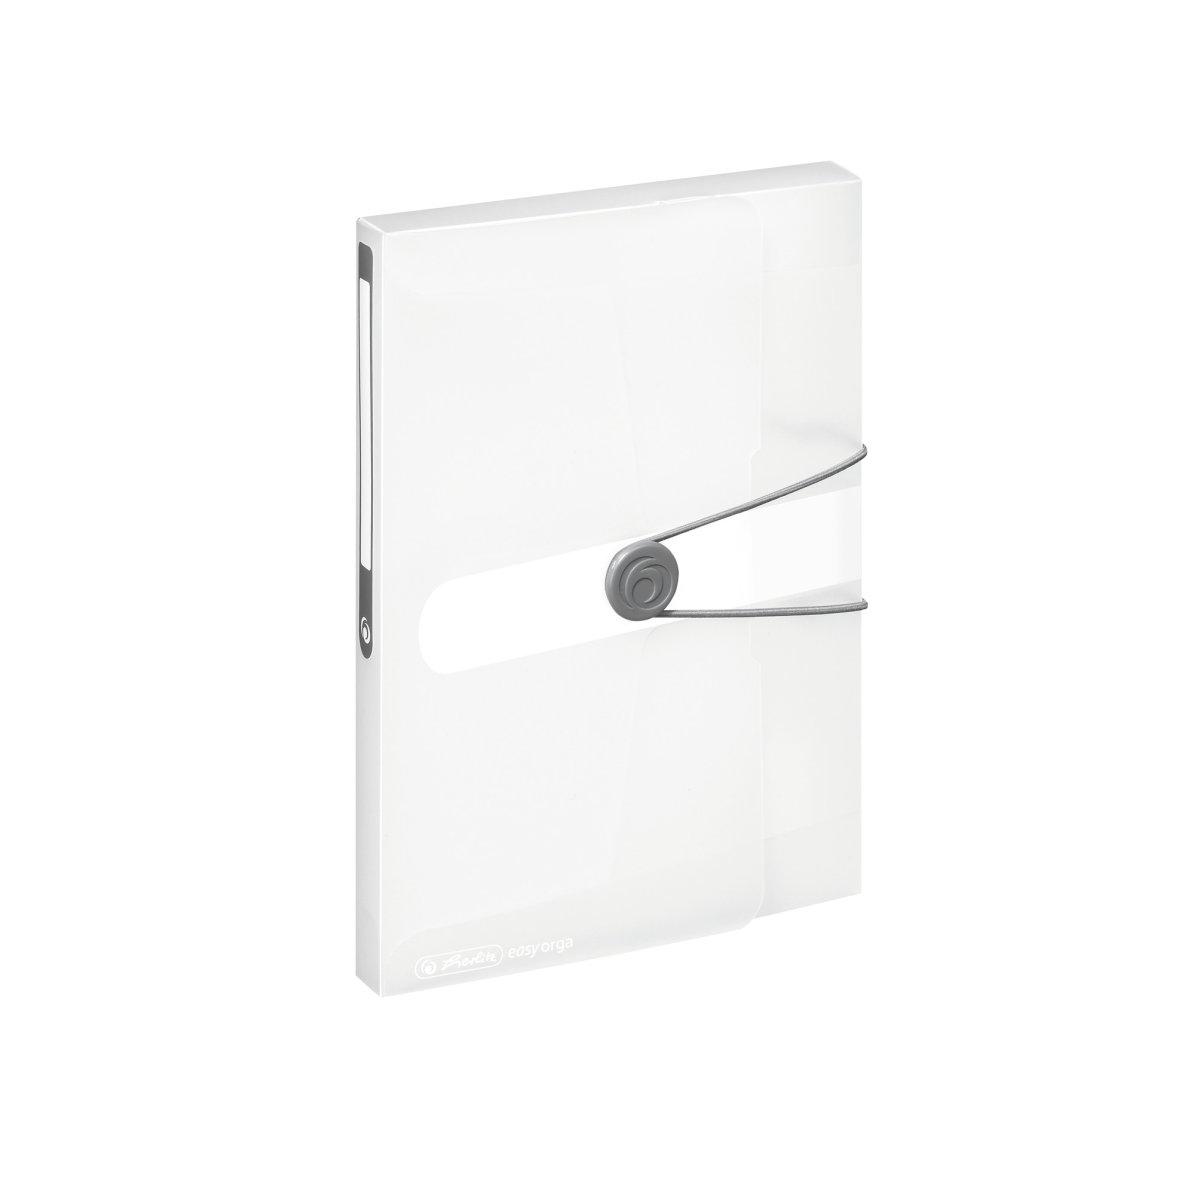 Herlitz 11206182 - Konventioneller Dateiordner - A5 - Polypropylen (PP) - Transparent - Matt - 25 cm